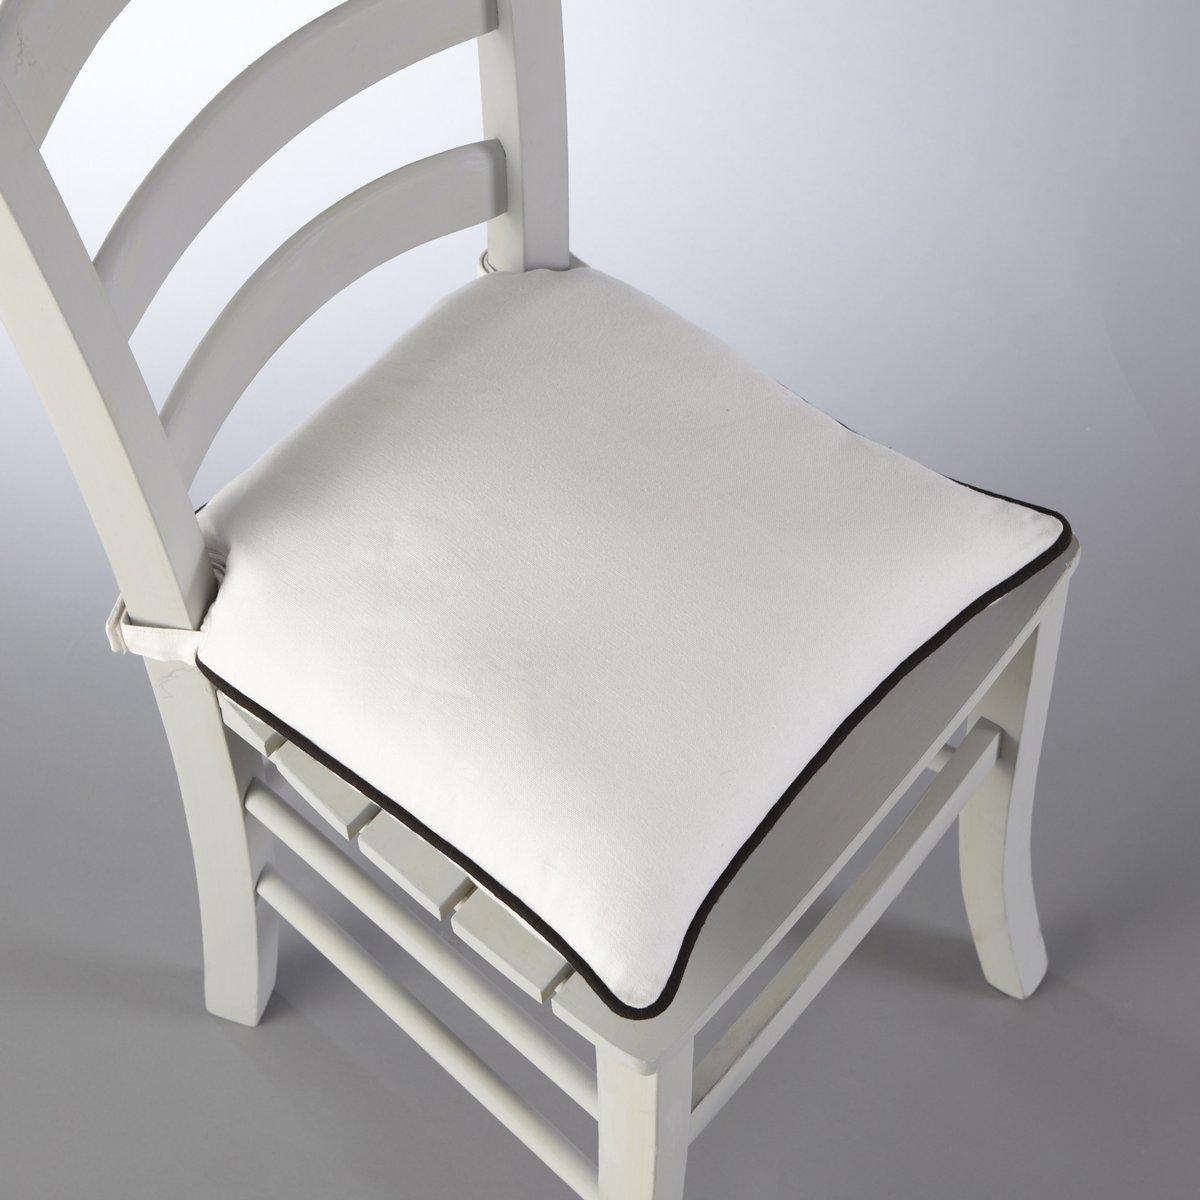 Подушка для стула, BRIDGYМягкая, удобная подушка для стула существует в 5 модных расцветках с контрастным кантом. Сочетается с другими чехлами этой коллекции для мебели: кресел, диванов, стульев и для декоративных подушек, которые украсят Ваш интерьер! Коллекция предметов декора Valeur S?re - качественные изделия с красивой отделкой. Существует 5 однотонных расцветок и 1 принт в полоску (не для всех моделей). Все чехлы для мебели: кресел, диванов, стульев и для декоративных подушек (продаются отдельно на нашем сайте) отлично сочетаются. Состав, описание и уход: - 100% хлопок, отделка контрастным кантом. - Наполнитель: 100% полиэстера. - Съемный чехол. - Стирать при 40°C.- Застежка текстильная (липучка). - Размеры: 40 x 40 см, толщина: 4 см.Сертификат Oeko-Tex® дает гарантию того, что товары изготовлены без применения химических средств и не представляют опасности для здоровья человека.<br><br>Цвет: антрацит/светло-серый,белый/ черный,бордовый/антрацит,индиго/серый жемчужный,серо-бежевый/серо-коричневый,серо-коричневый/серо-бежевый,серый жемчужный/ белый,Сине-зеленый/черный<br>Размер: единый размер.единый размер.единый размер.единый размер.единый размер